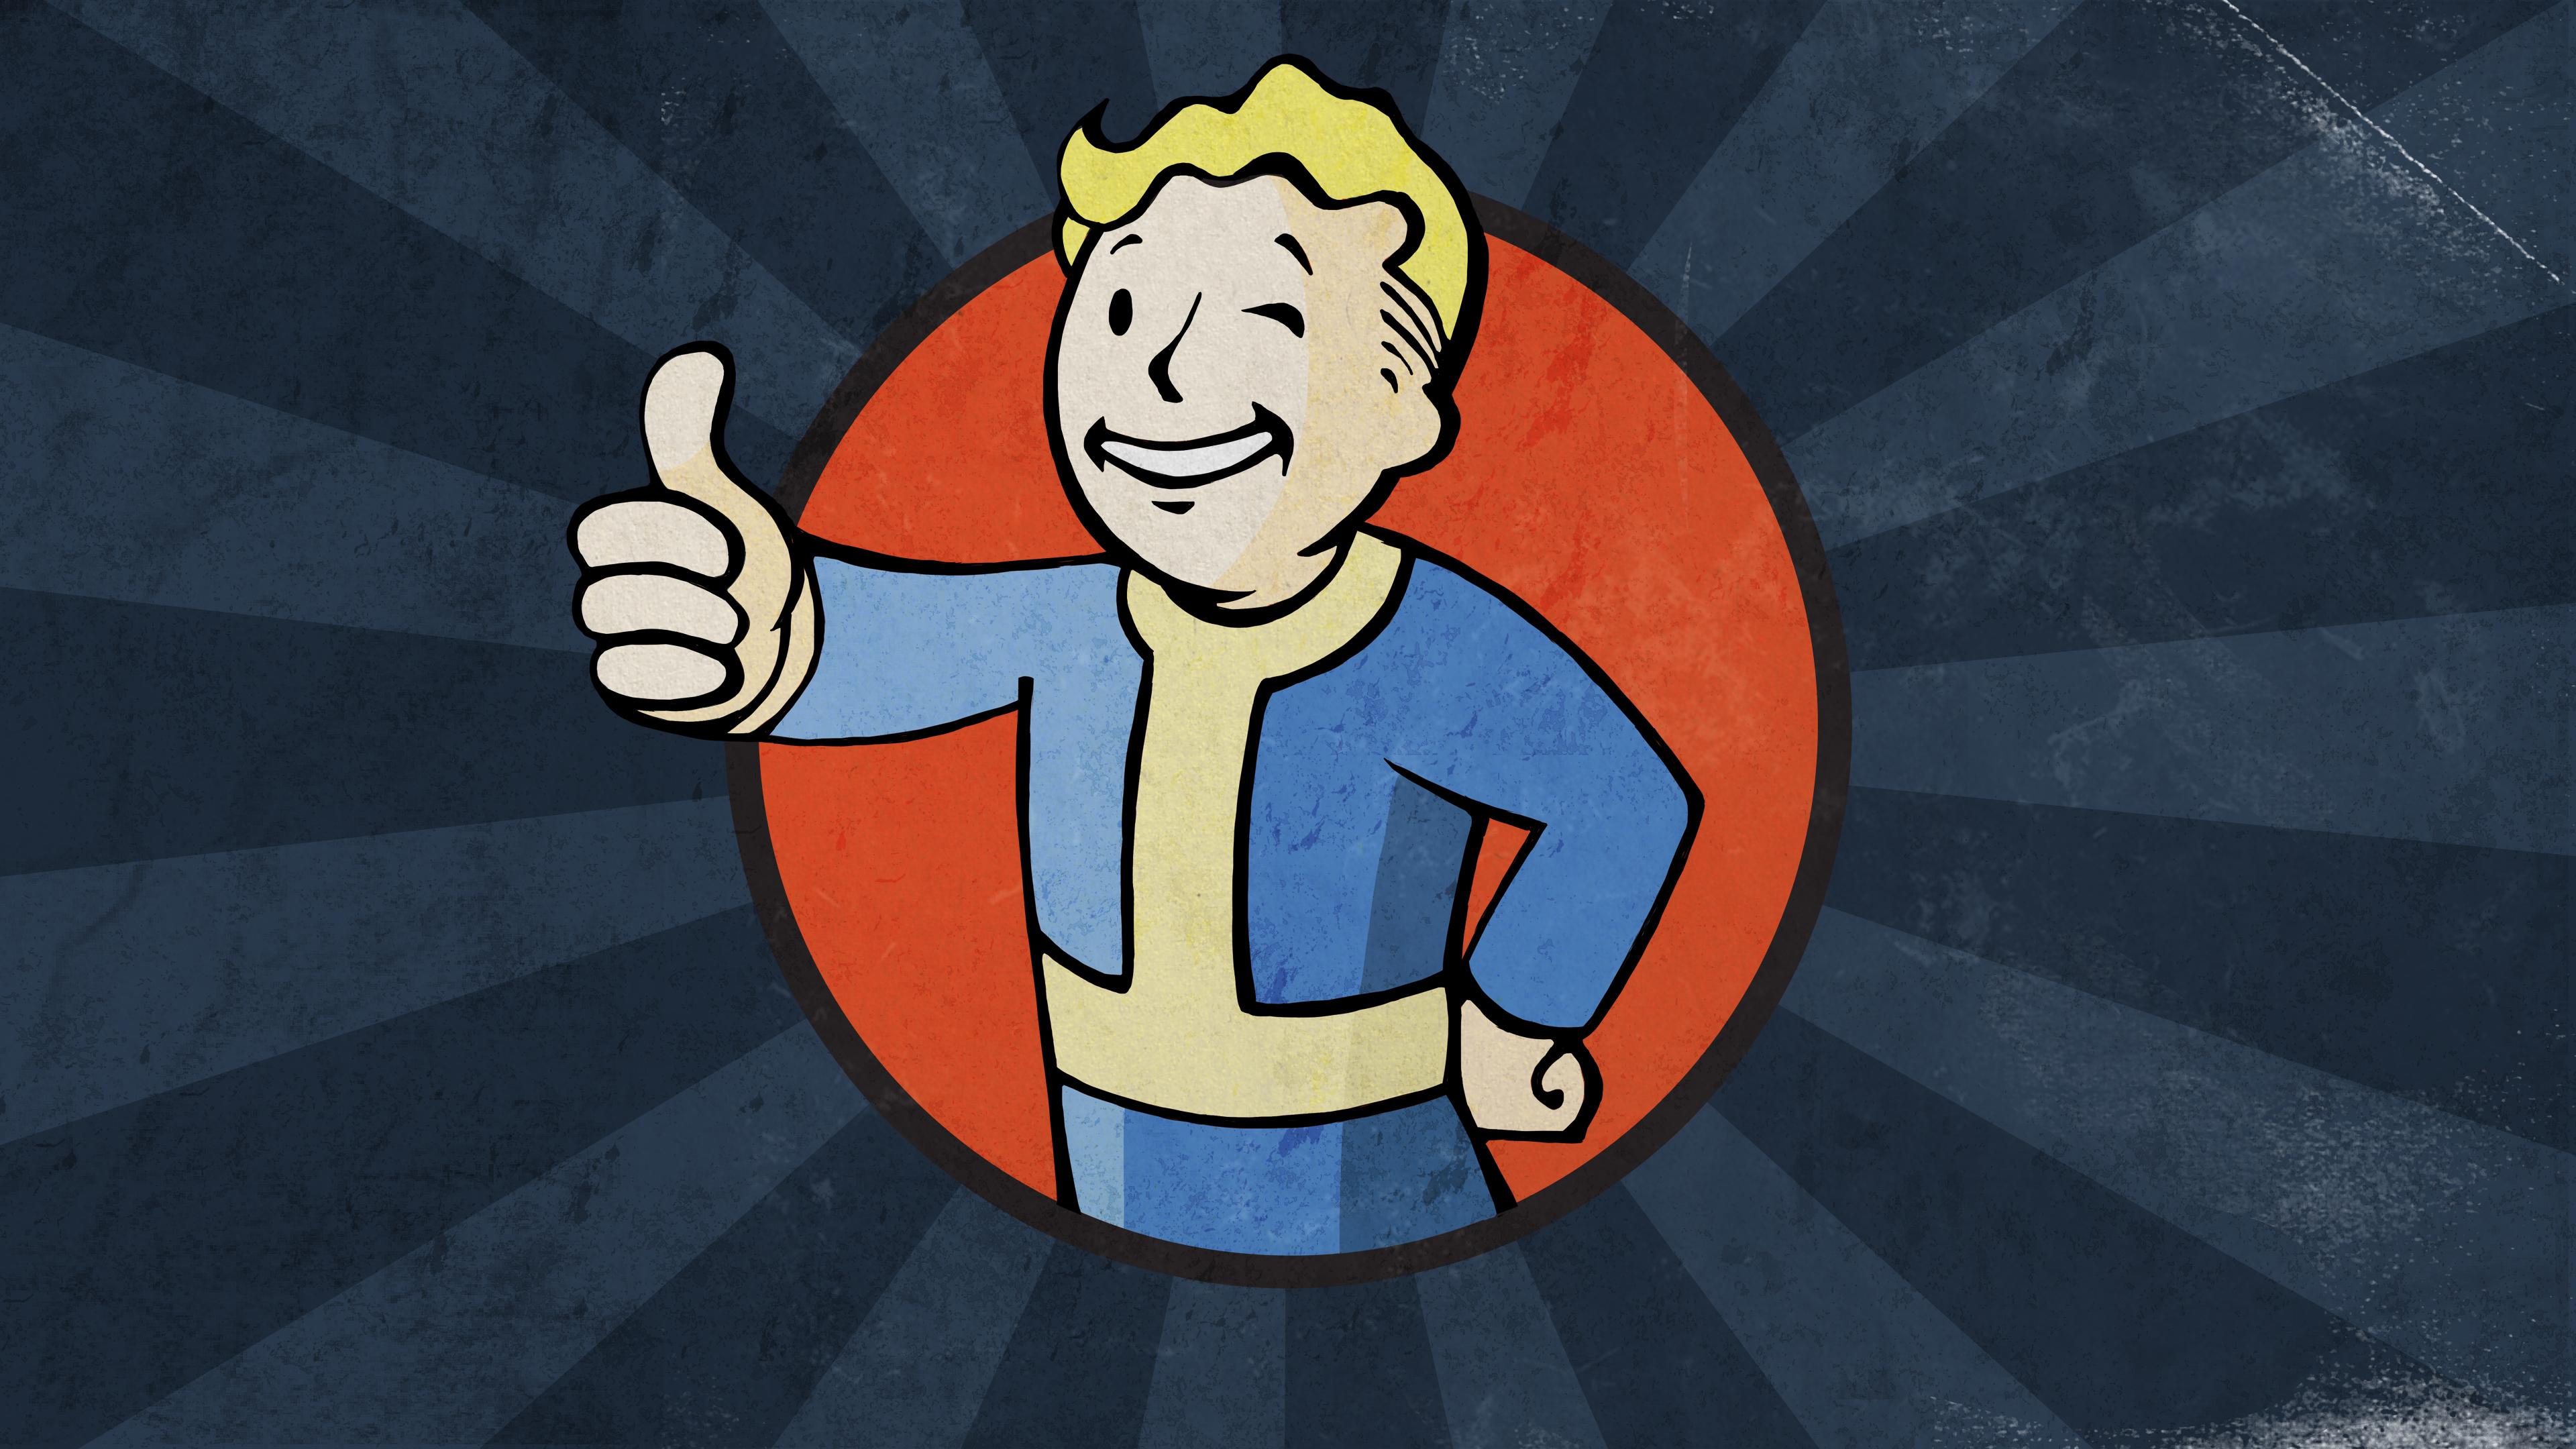 Fallout 4 4k Desktop - HD Wallpaper